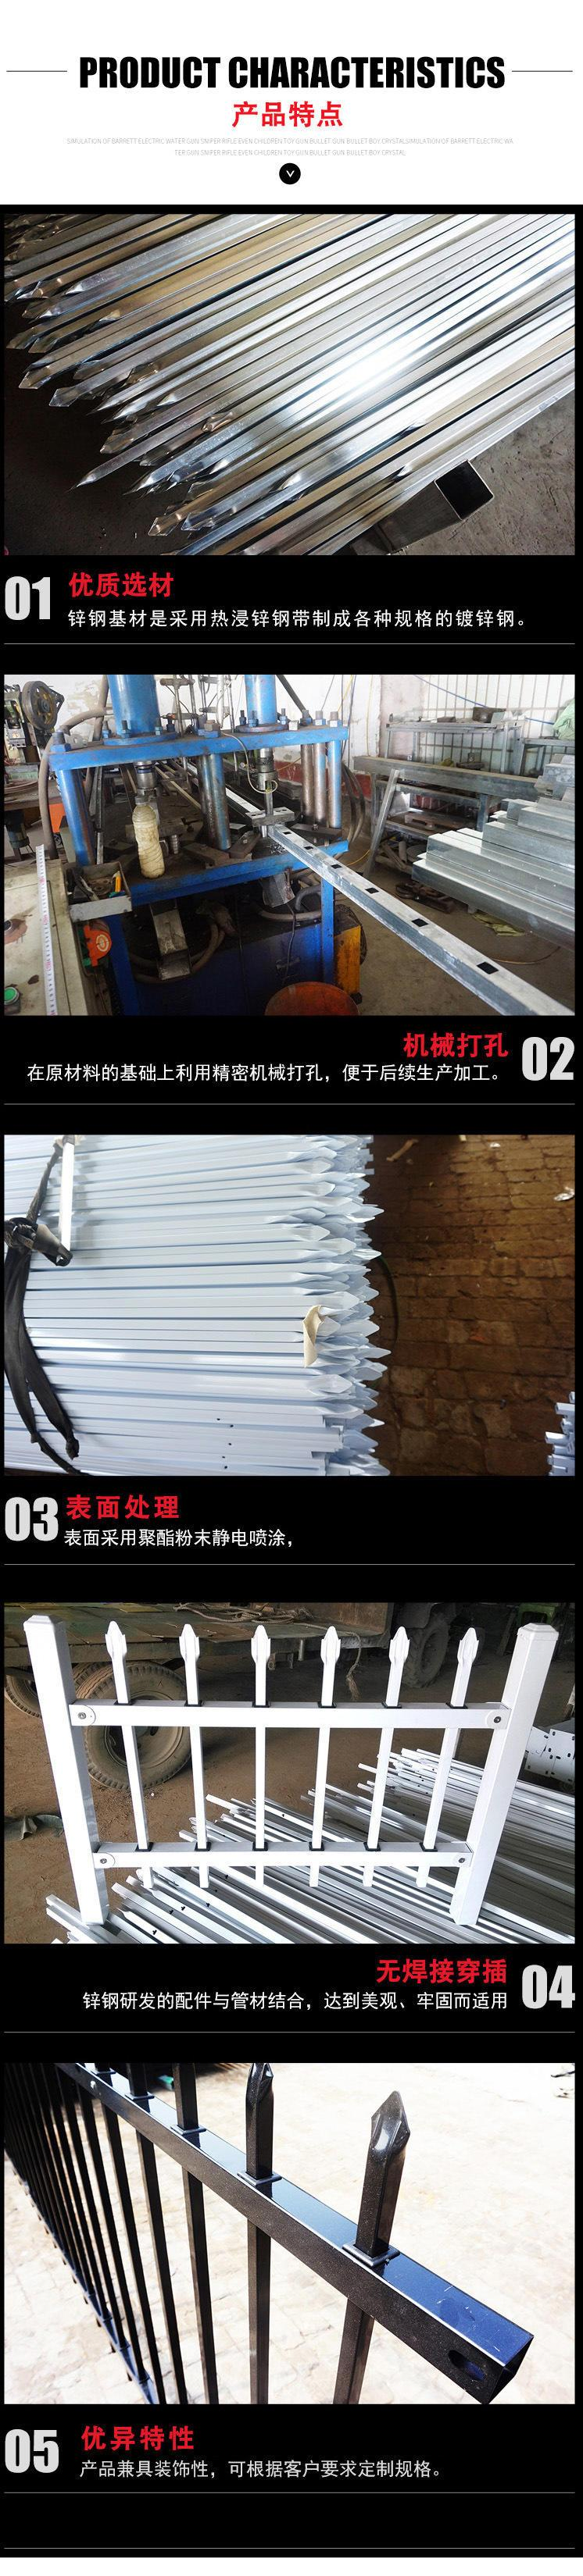 锌钢阳台护栏市政护栏网厂房护栏现货当天发货.jpg